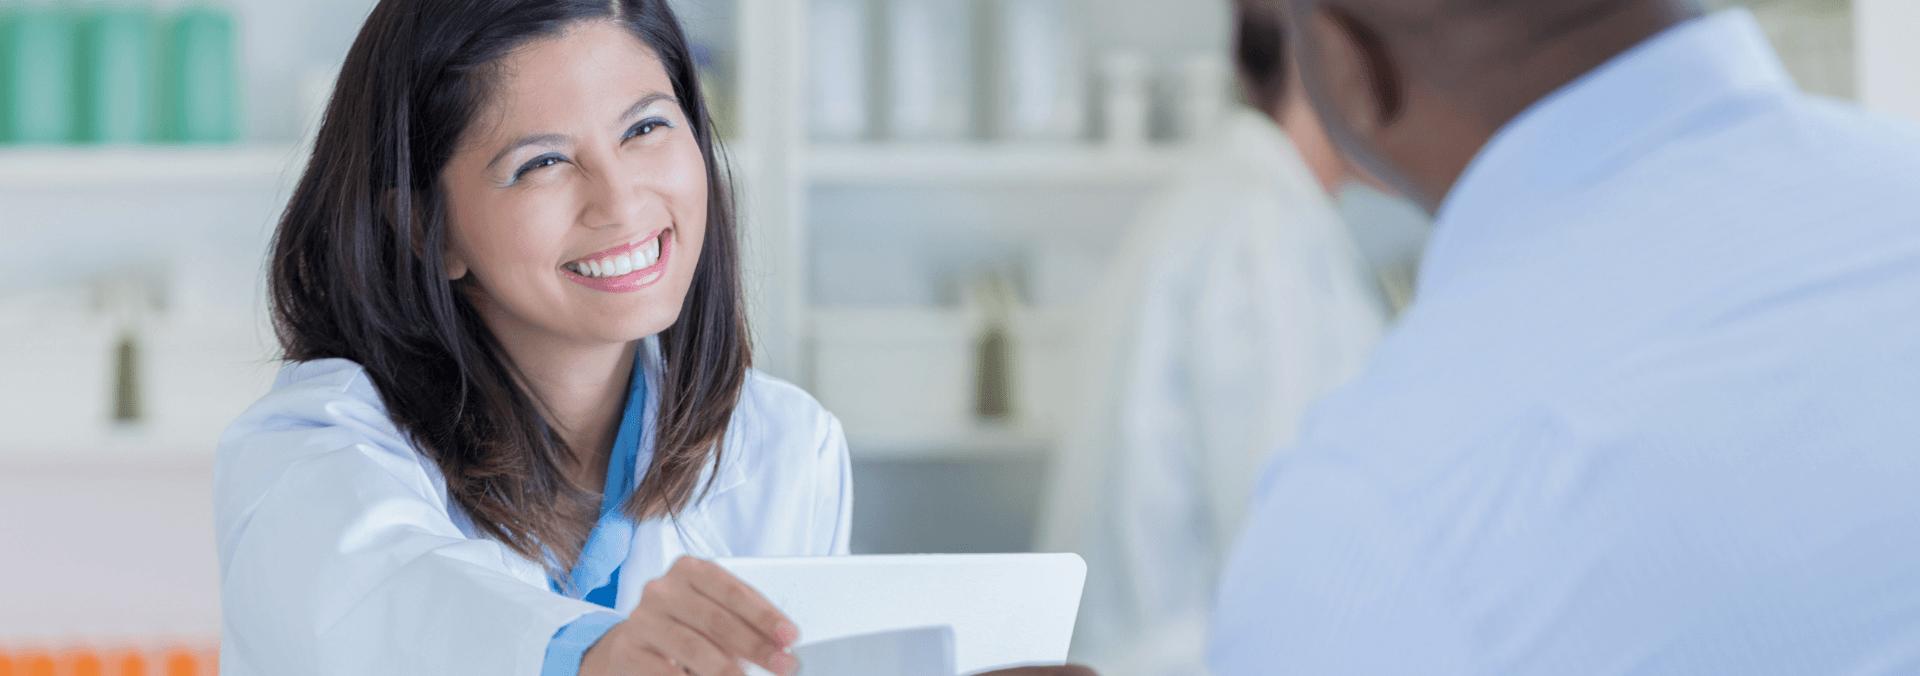 pharmacy technician providing customer service